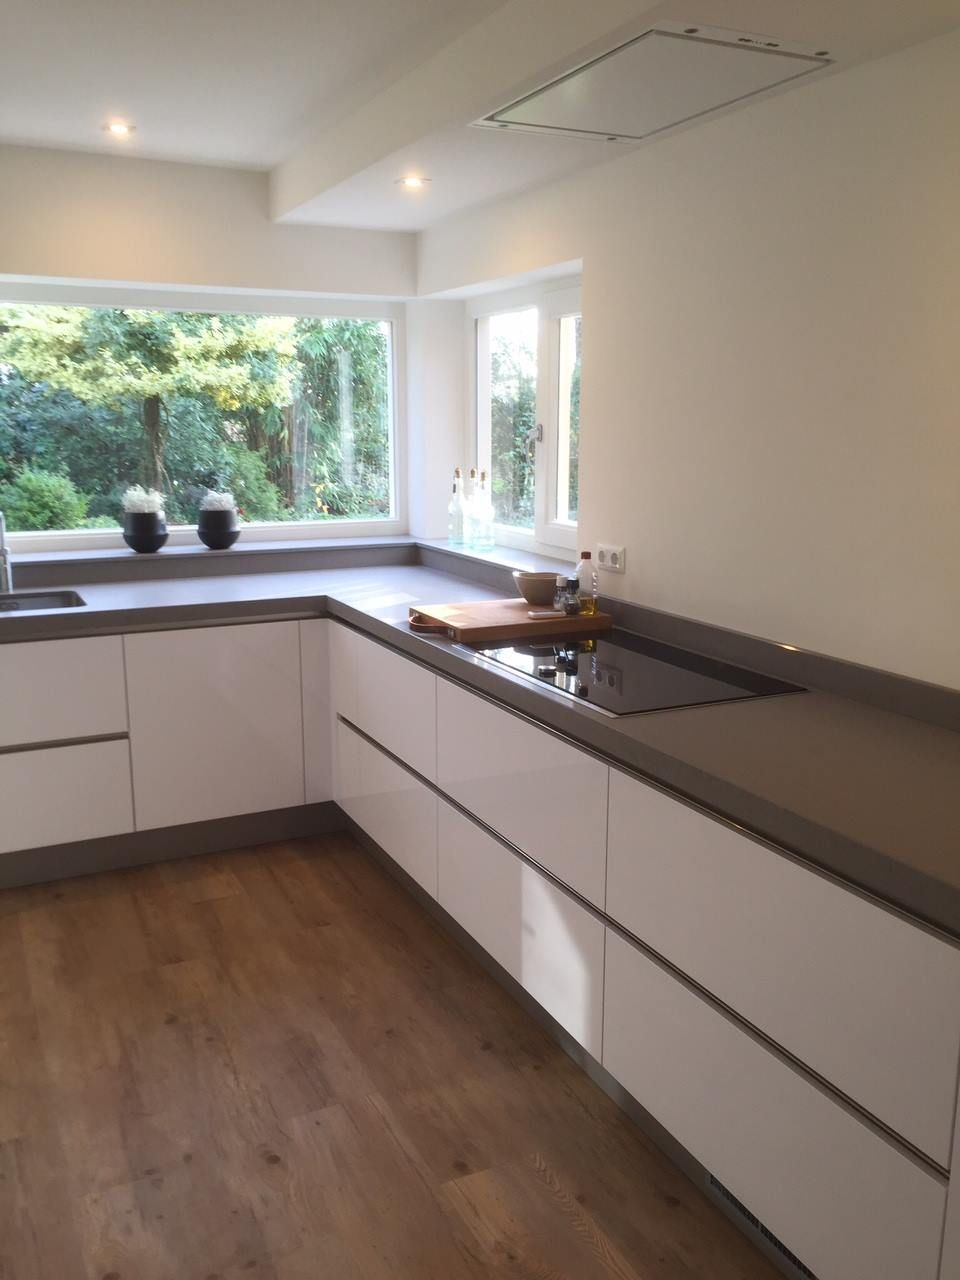 Prachtige hoogglans keuken met betonlook keukenblad, geplaatst door onze deelnemer ...